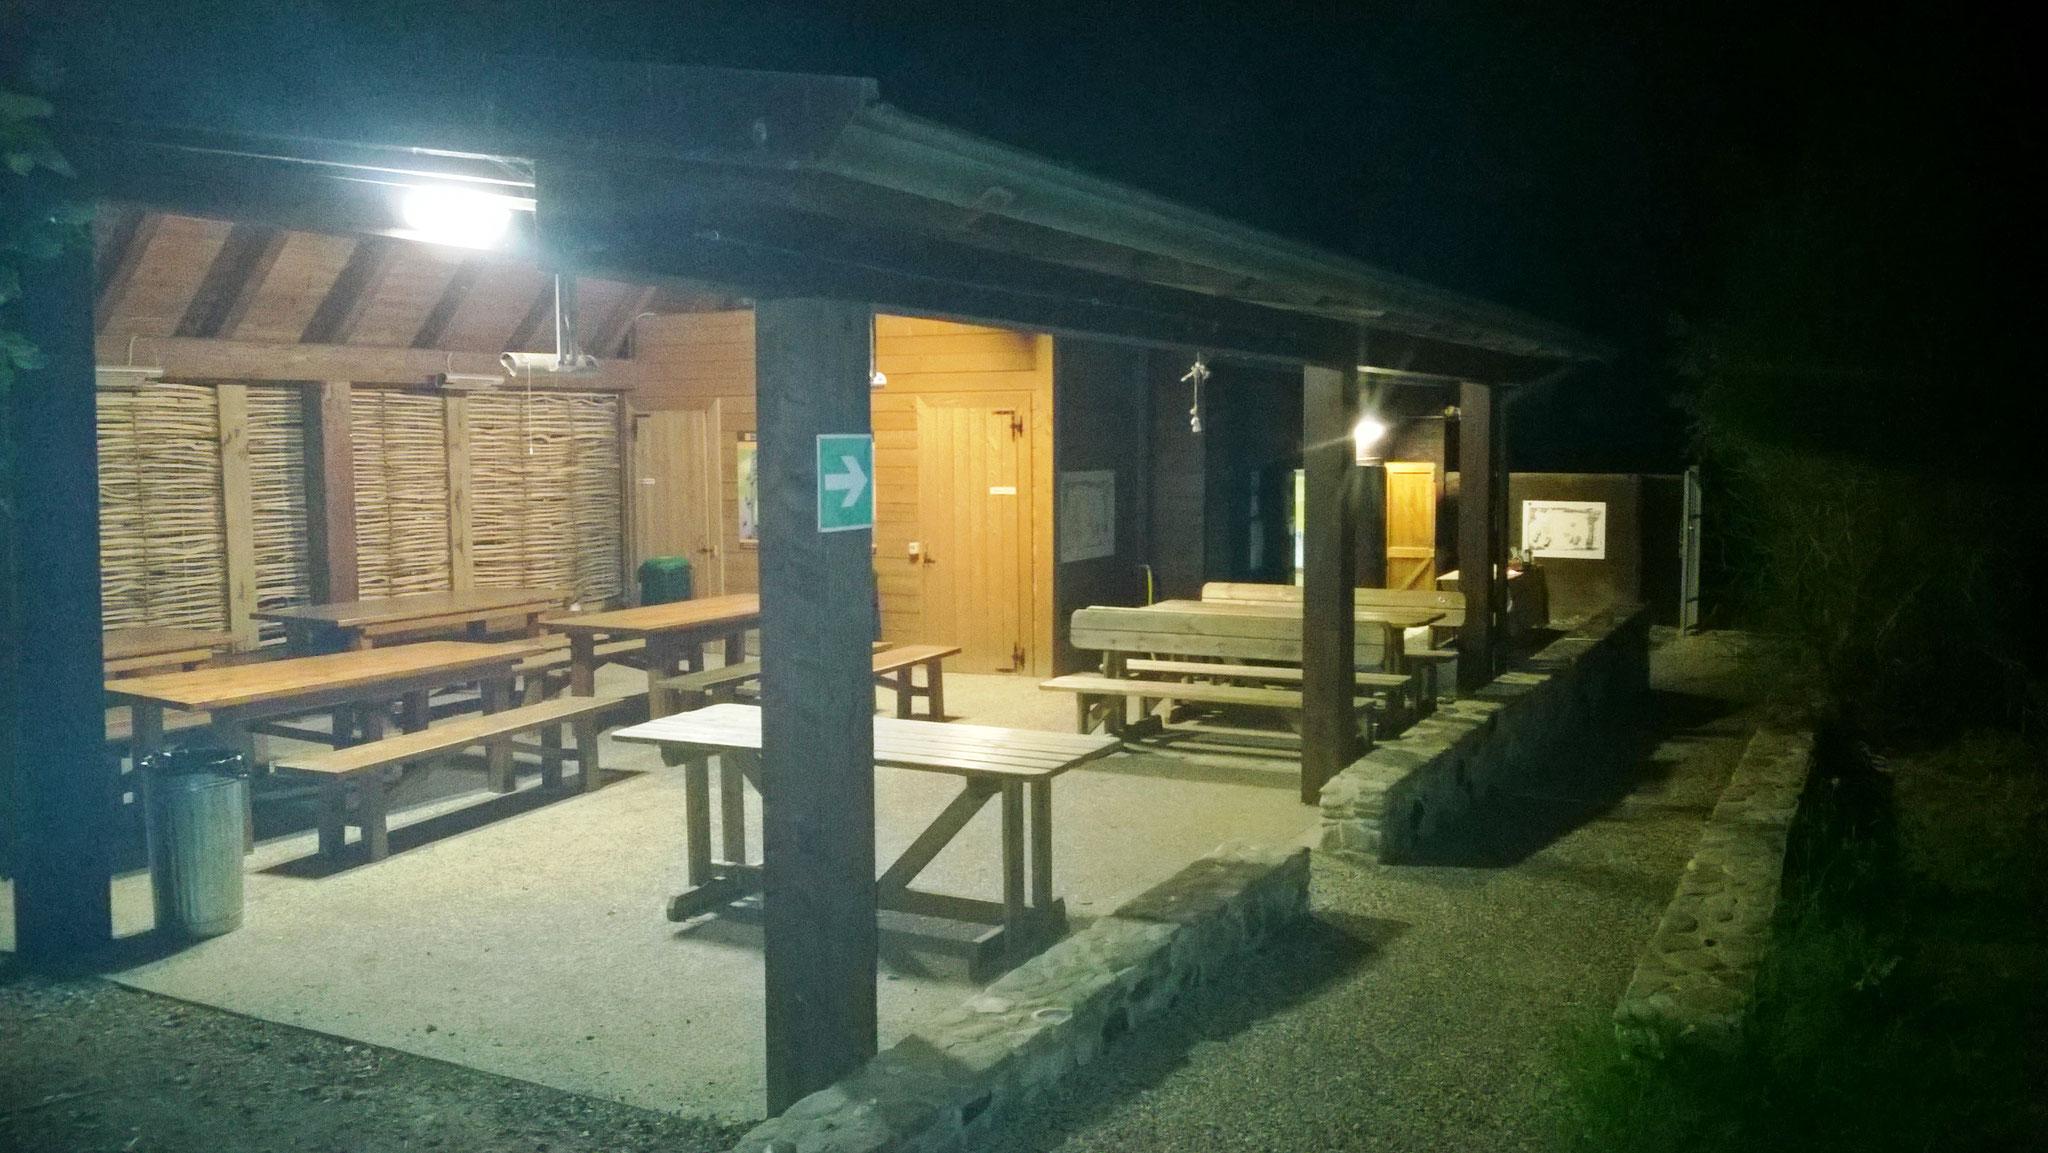 cinema sotto le stelle - Parco Archeologico di Travo 29 agosto 2016